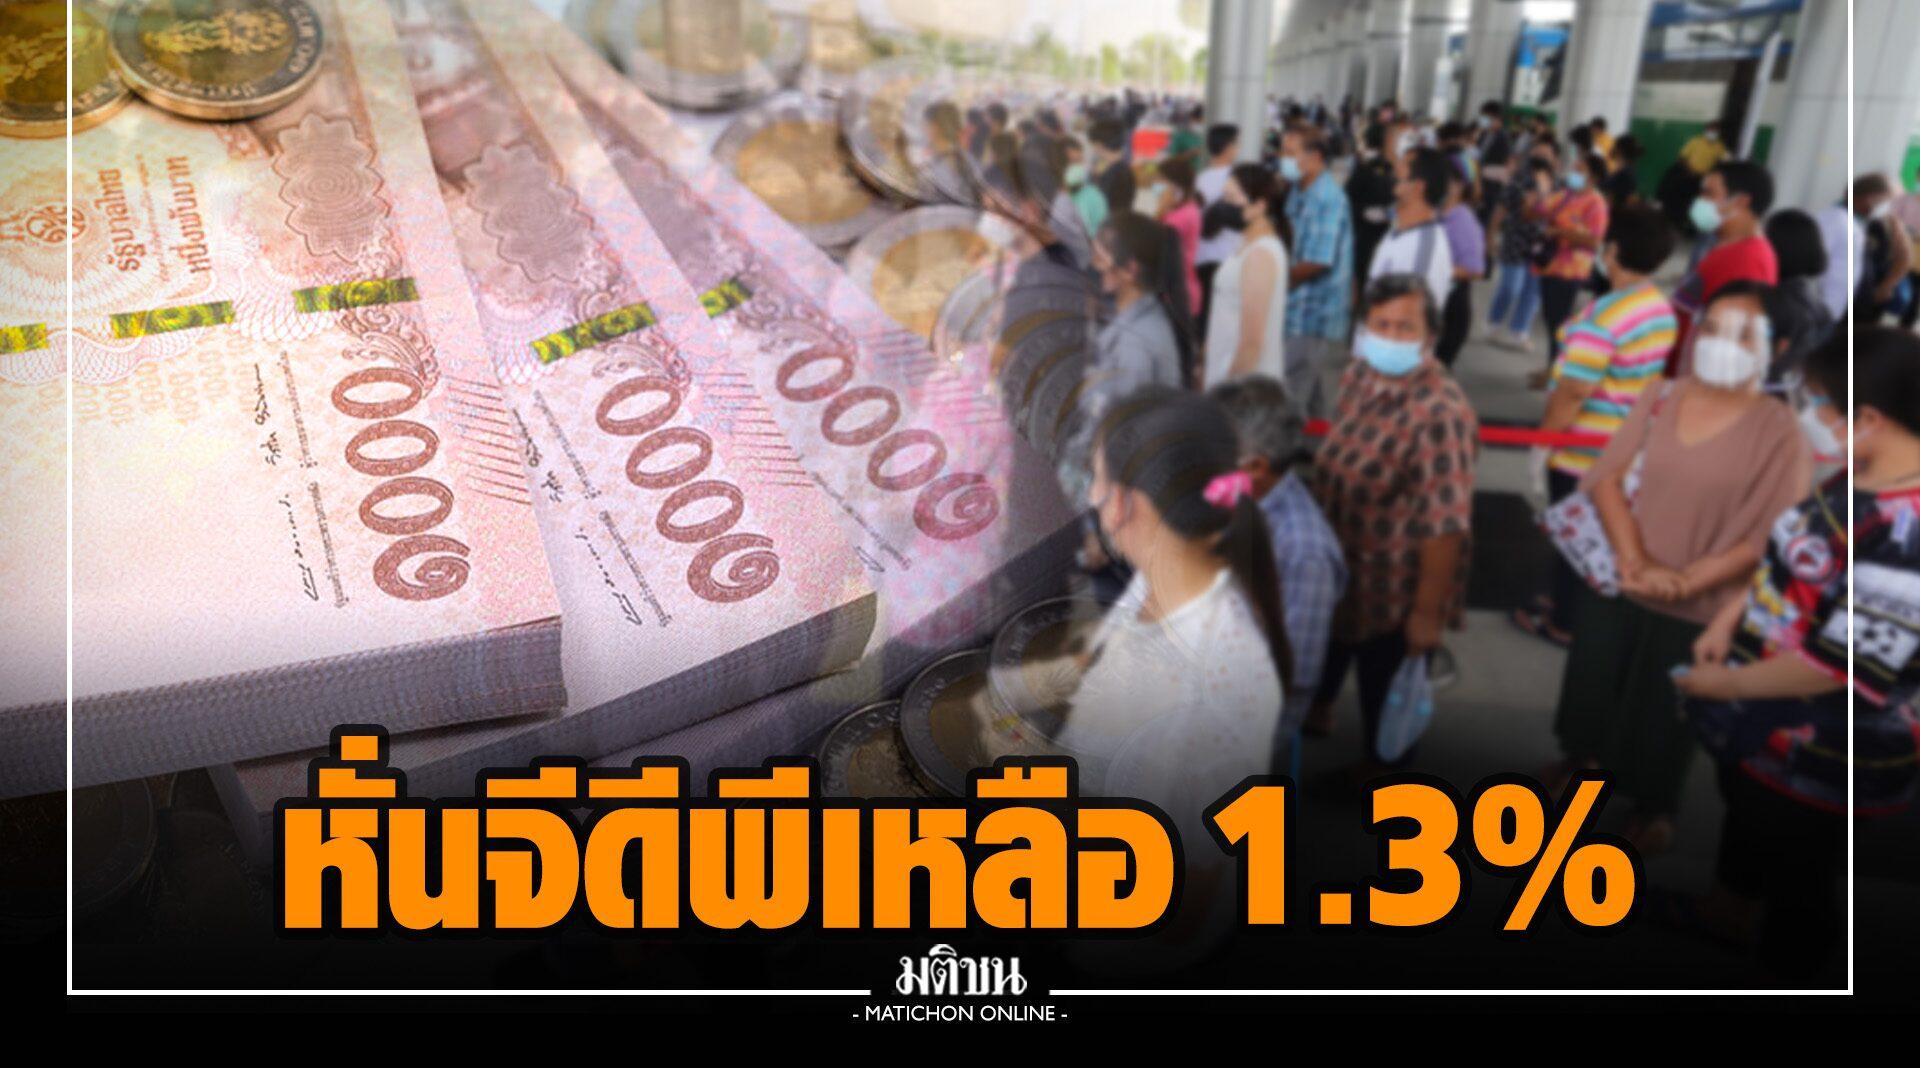 คลัง ลดจีดีพี ปี64 เหลือ 1.3% ผลจากโควิด ต่างชาติแค่ 3 แสนคนหวังปีหน้าโต 4-5% ฟื้นต่างชาติเที่ยวไทย 12 ล้านคน